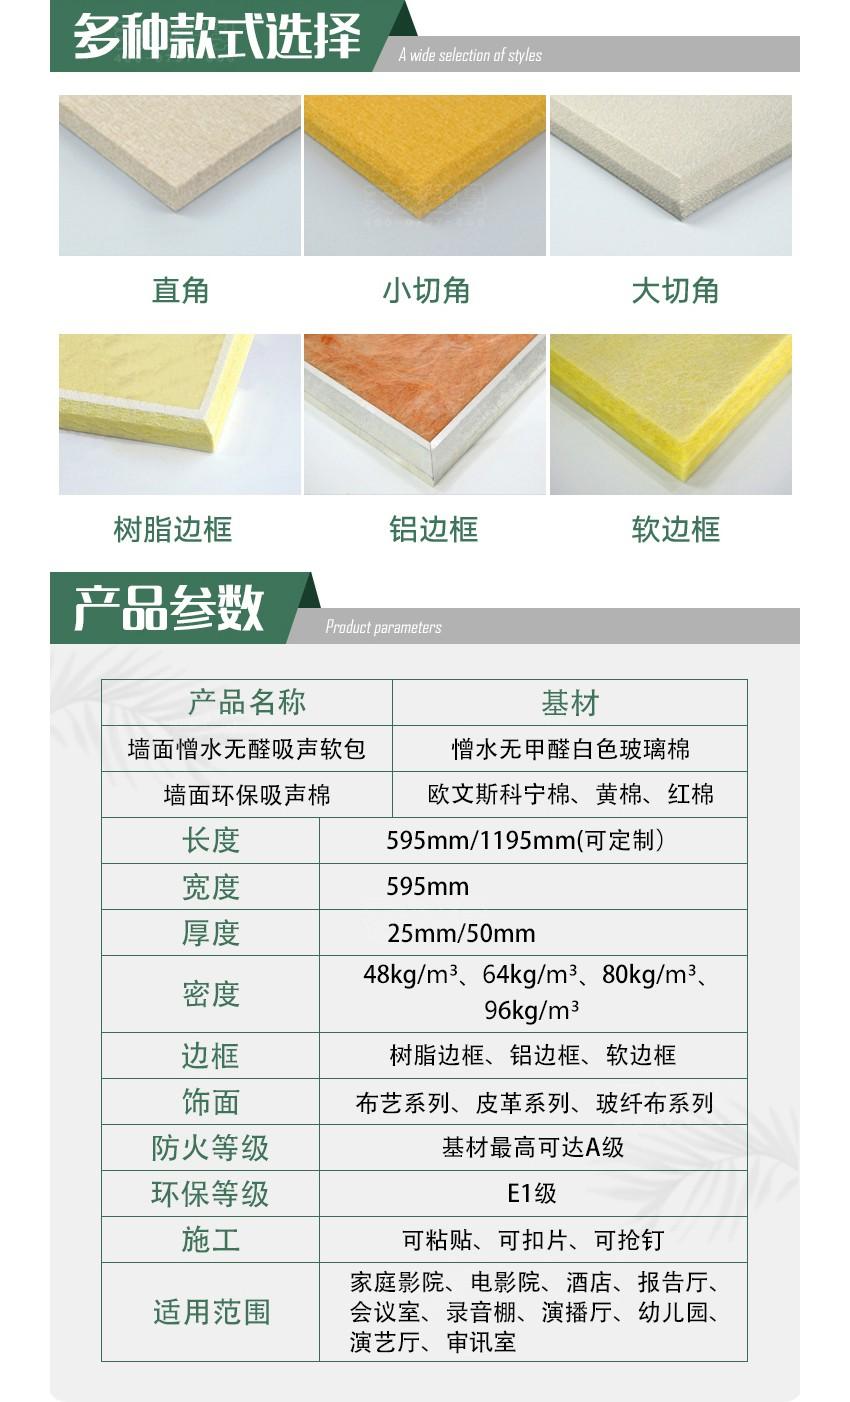 墙面软包吸音板产品参数